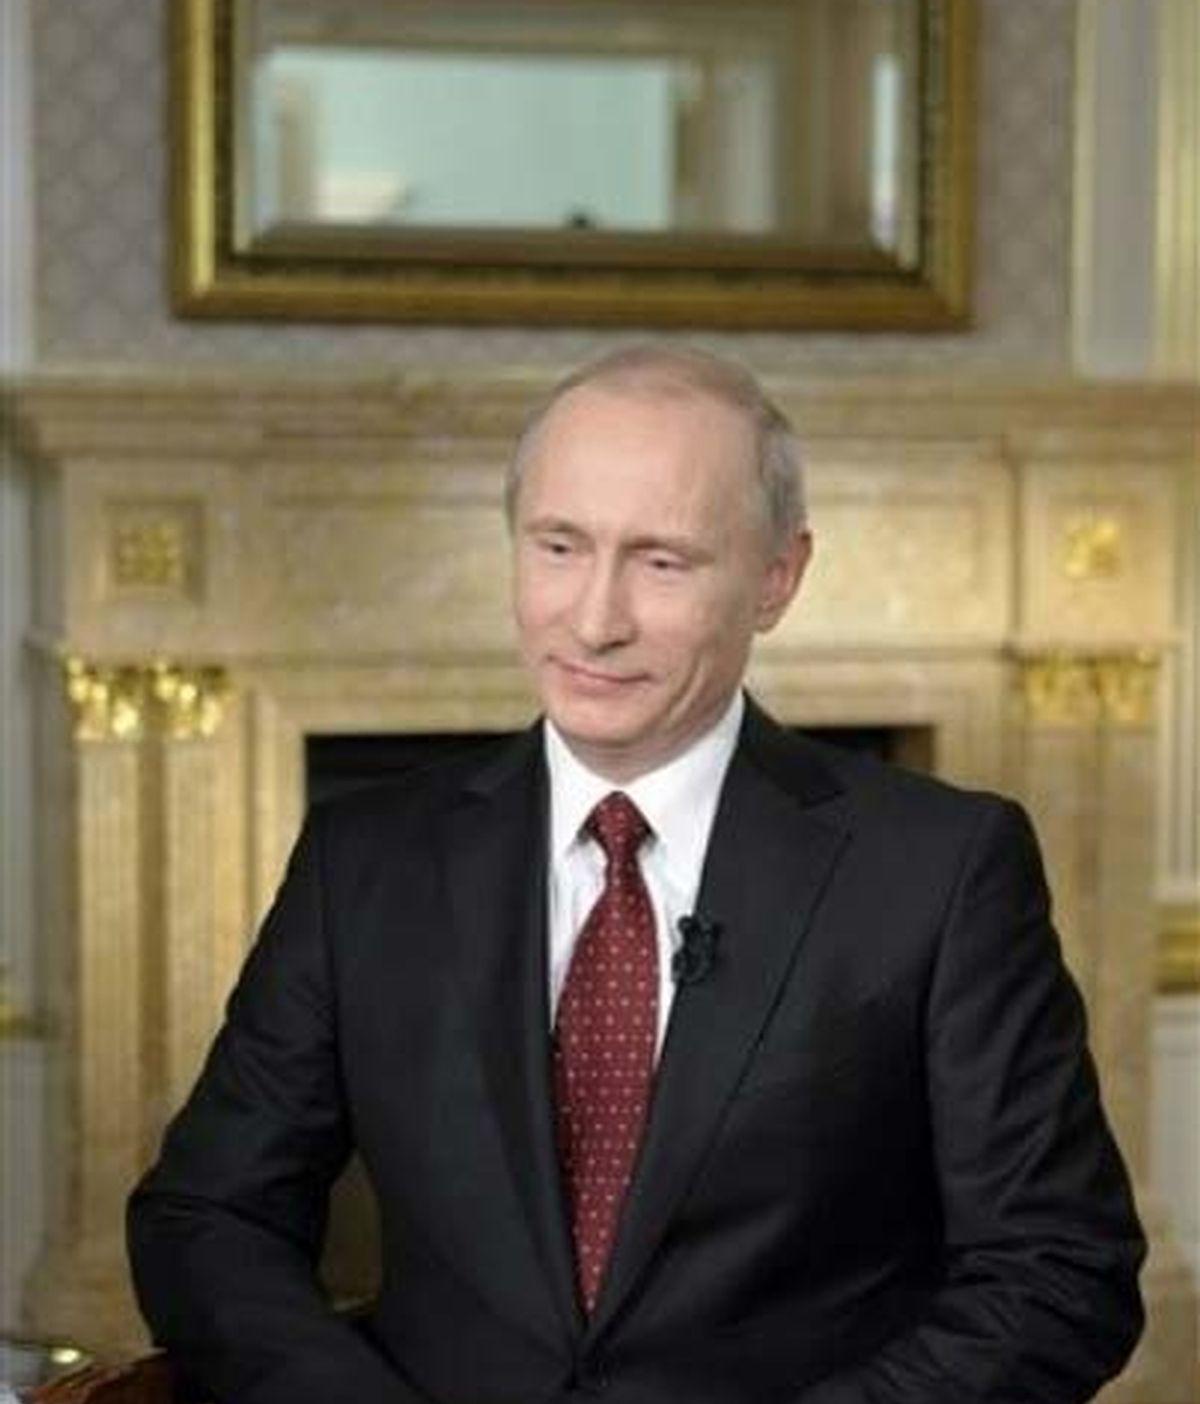 """Medvédev no toma """"ninguna decisión importante"""" sin preguntar a Putin, según los cables filtrados por Wikileaks. Foto: AP."""